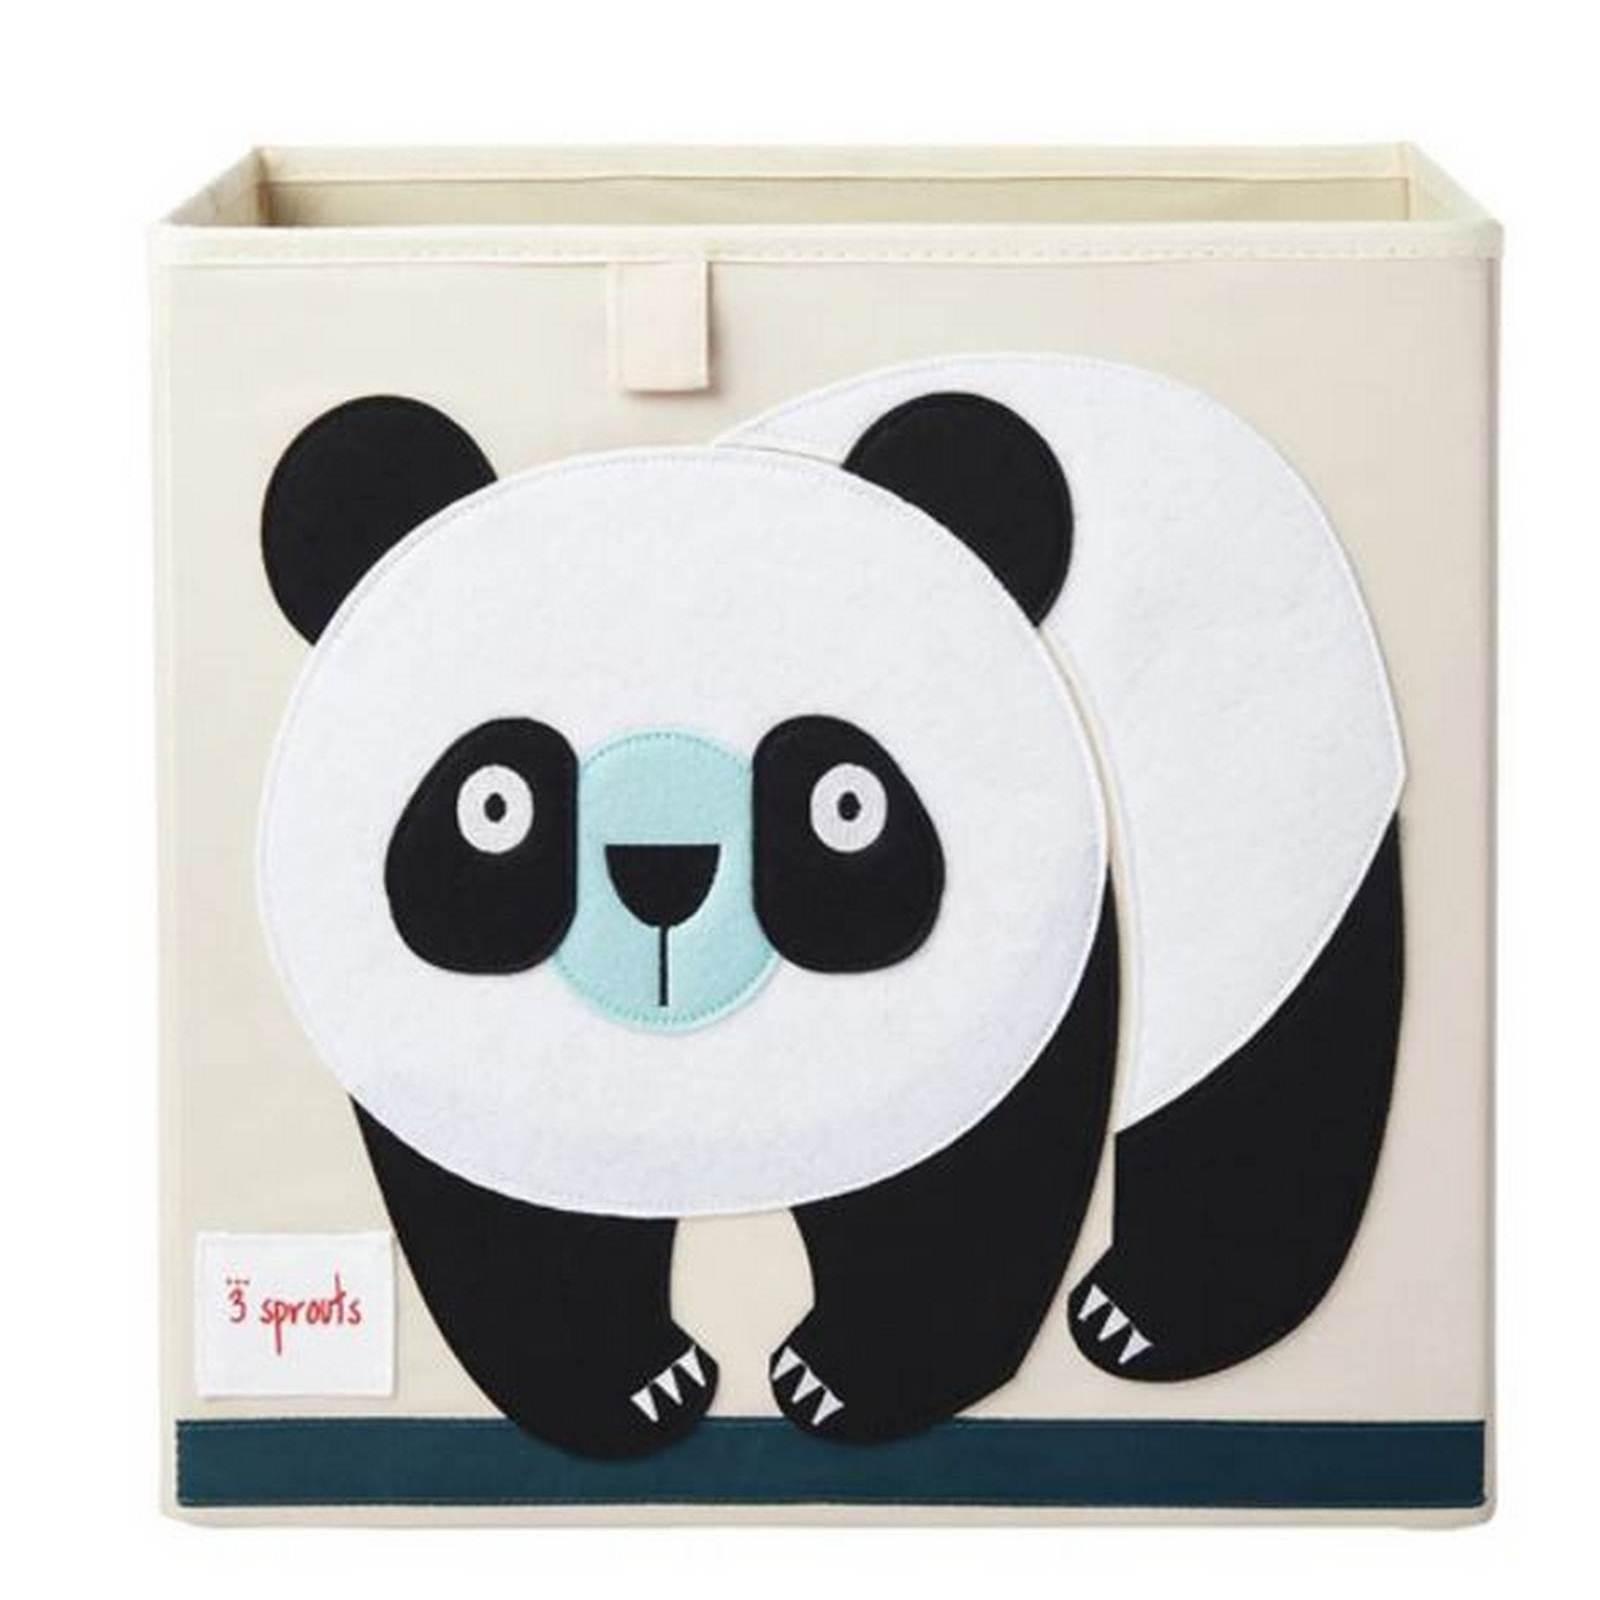 Cesto Organizador Quadrado Panda